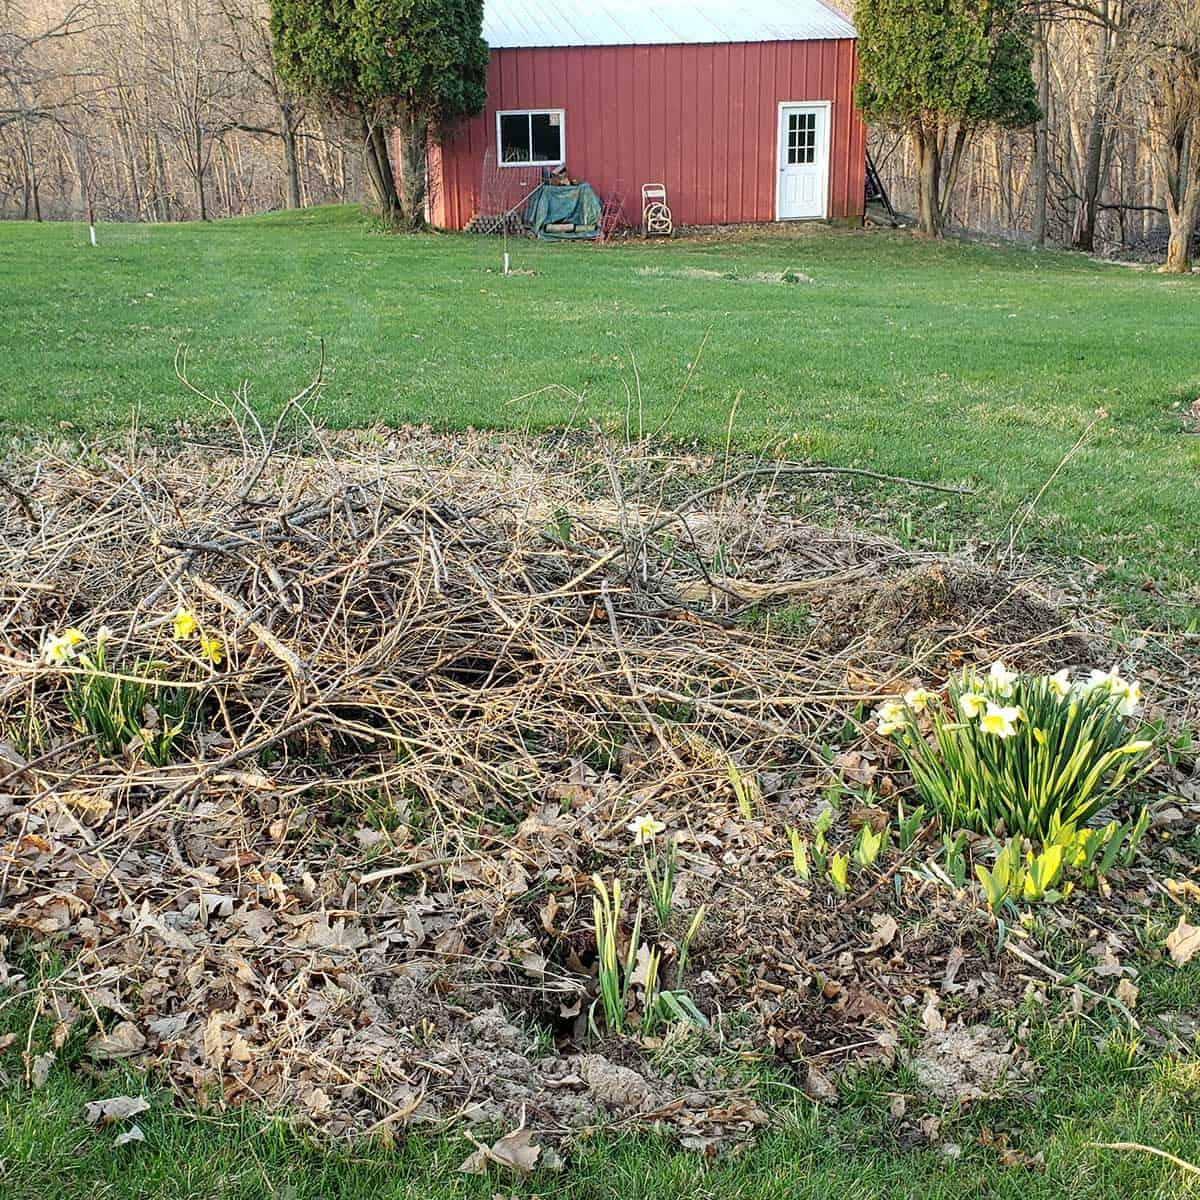 Daffodils in yard